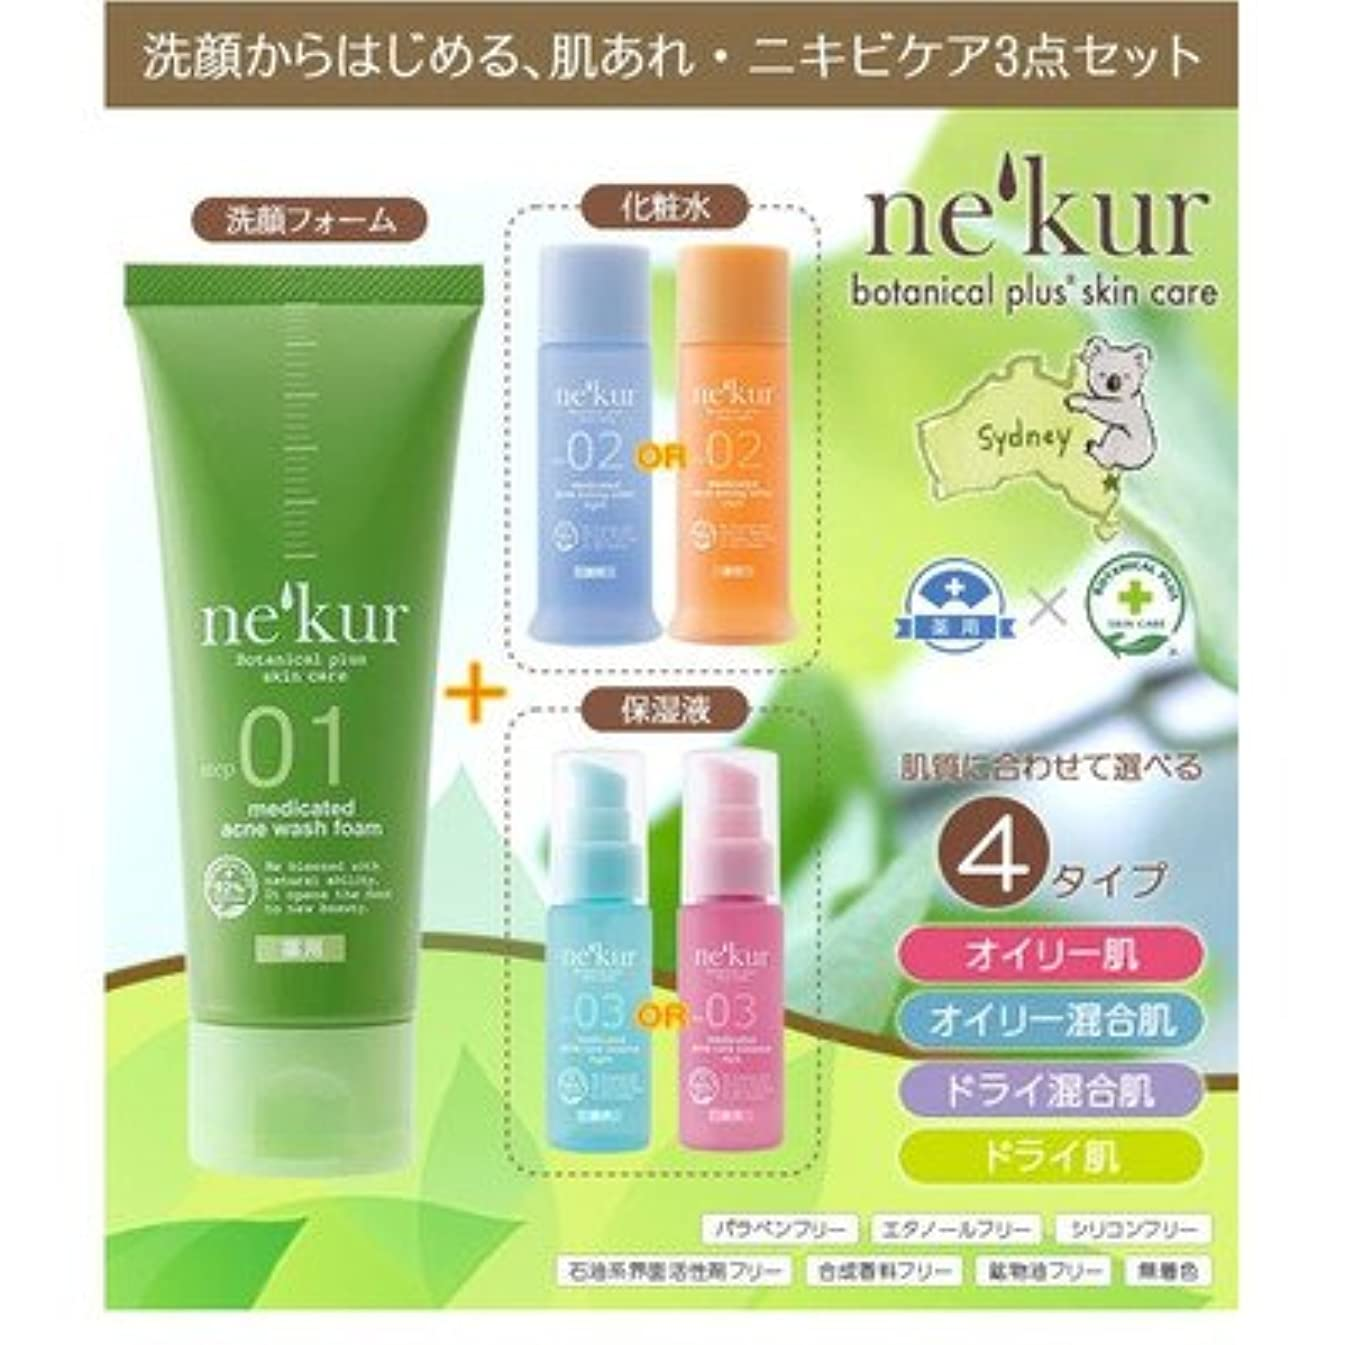 恐ろしいです転送職人ネクア(nekur) ボタニカルプラススキンケア 薬用アクネ洗顔3点セット ドライ混合肌セット( 画像はイメージ画像です お届けの商品はドライ混合肌セットのみとなります)